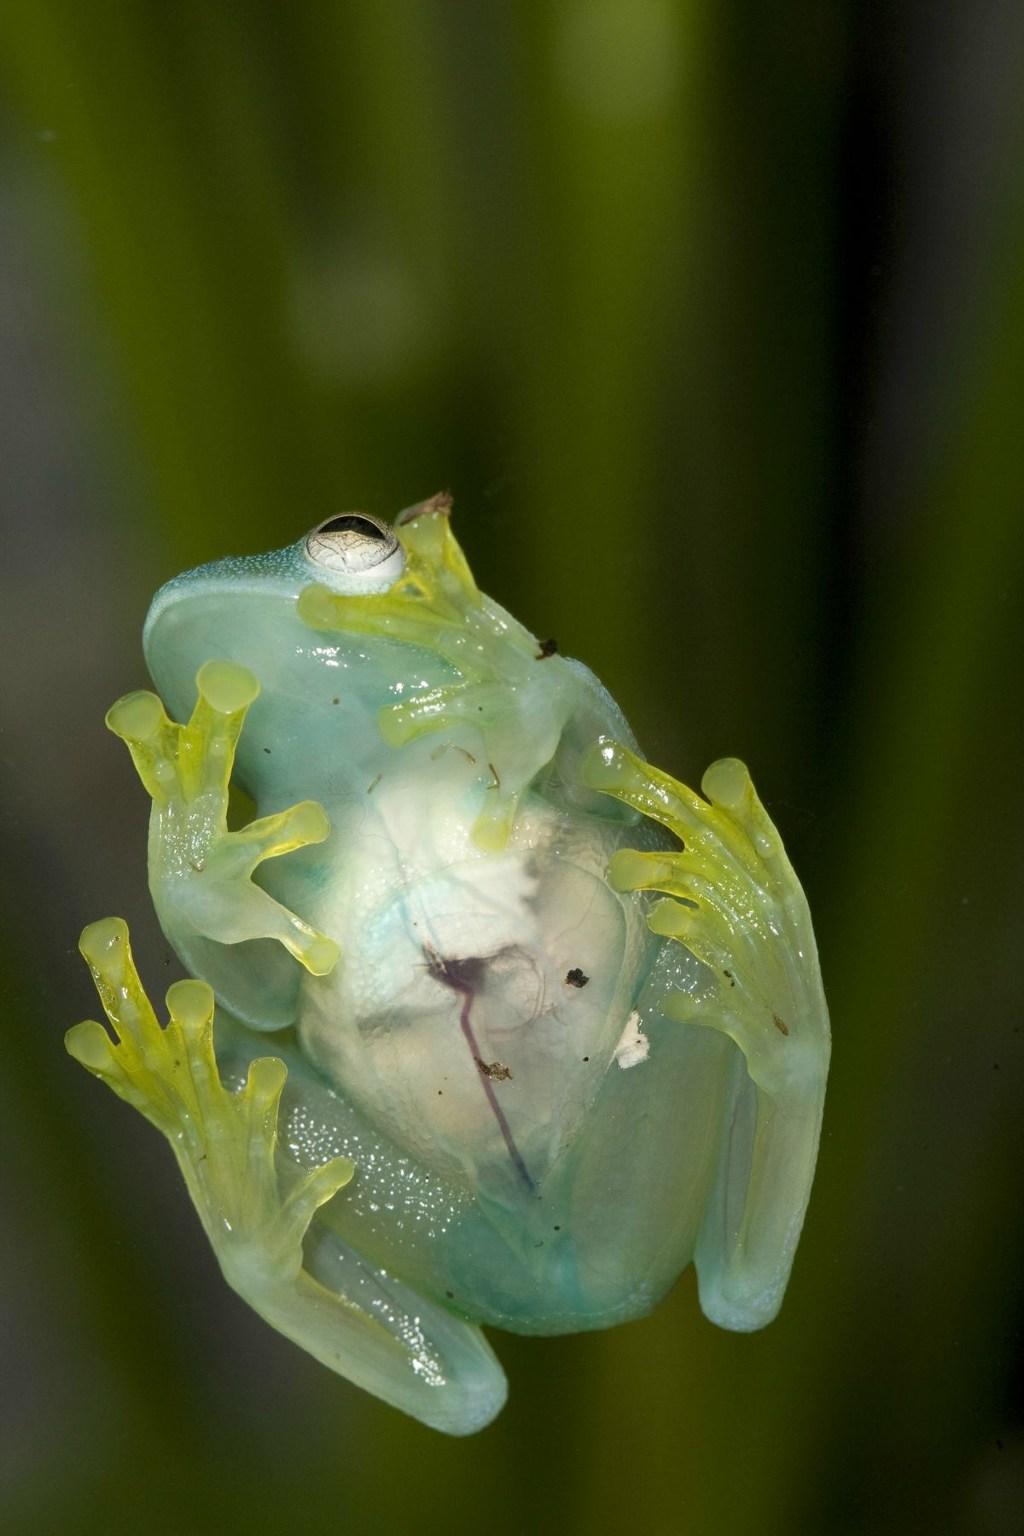 Với lớp da trong suốt nên bạn có thể nhìn thấy cơ quan nội tạng của loài ếch thủy tinh.